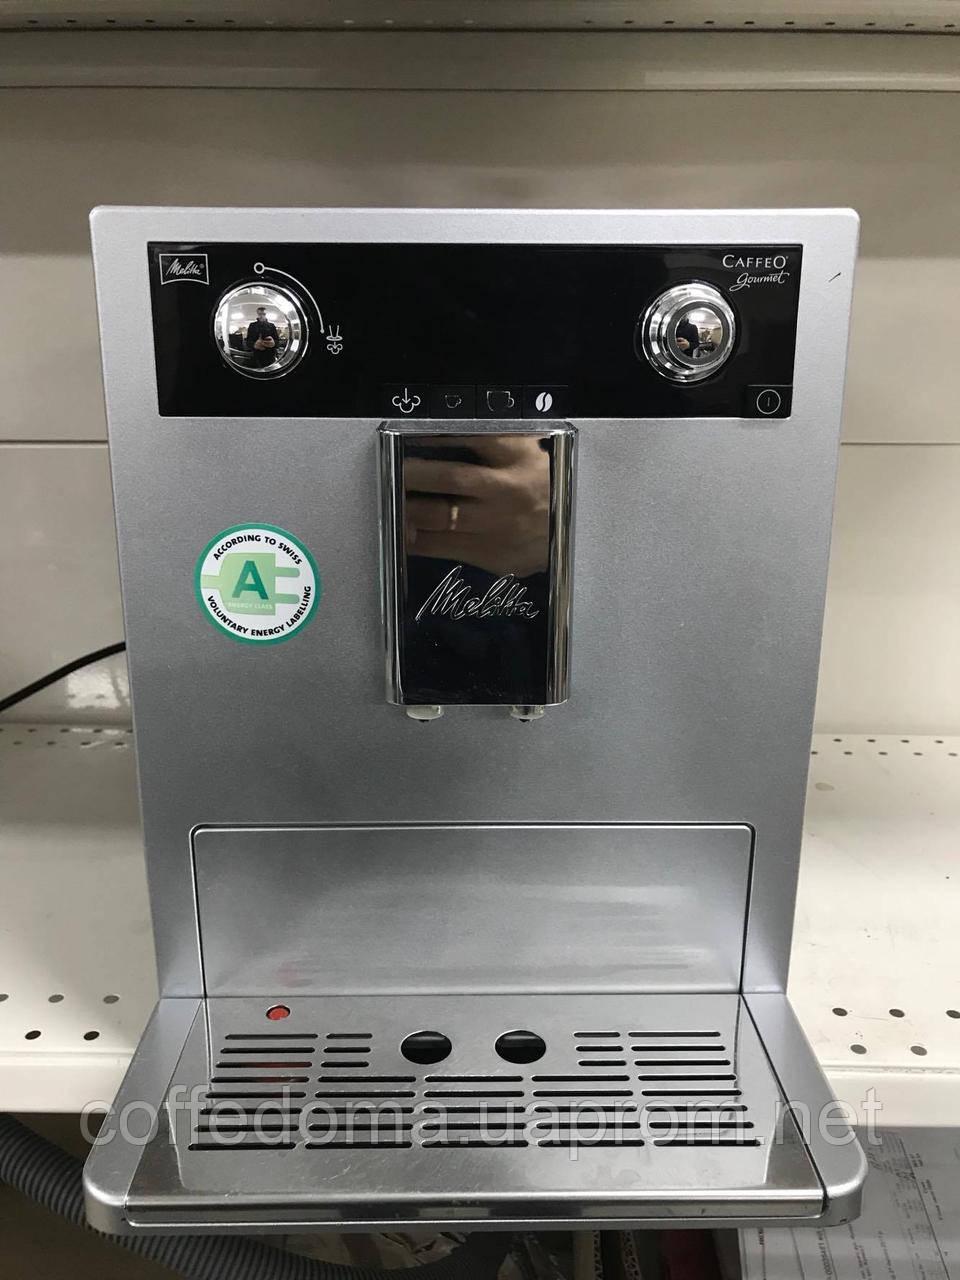 MELITTA Caffeo Gourmet полностью автоматическая кофемашина